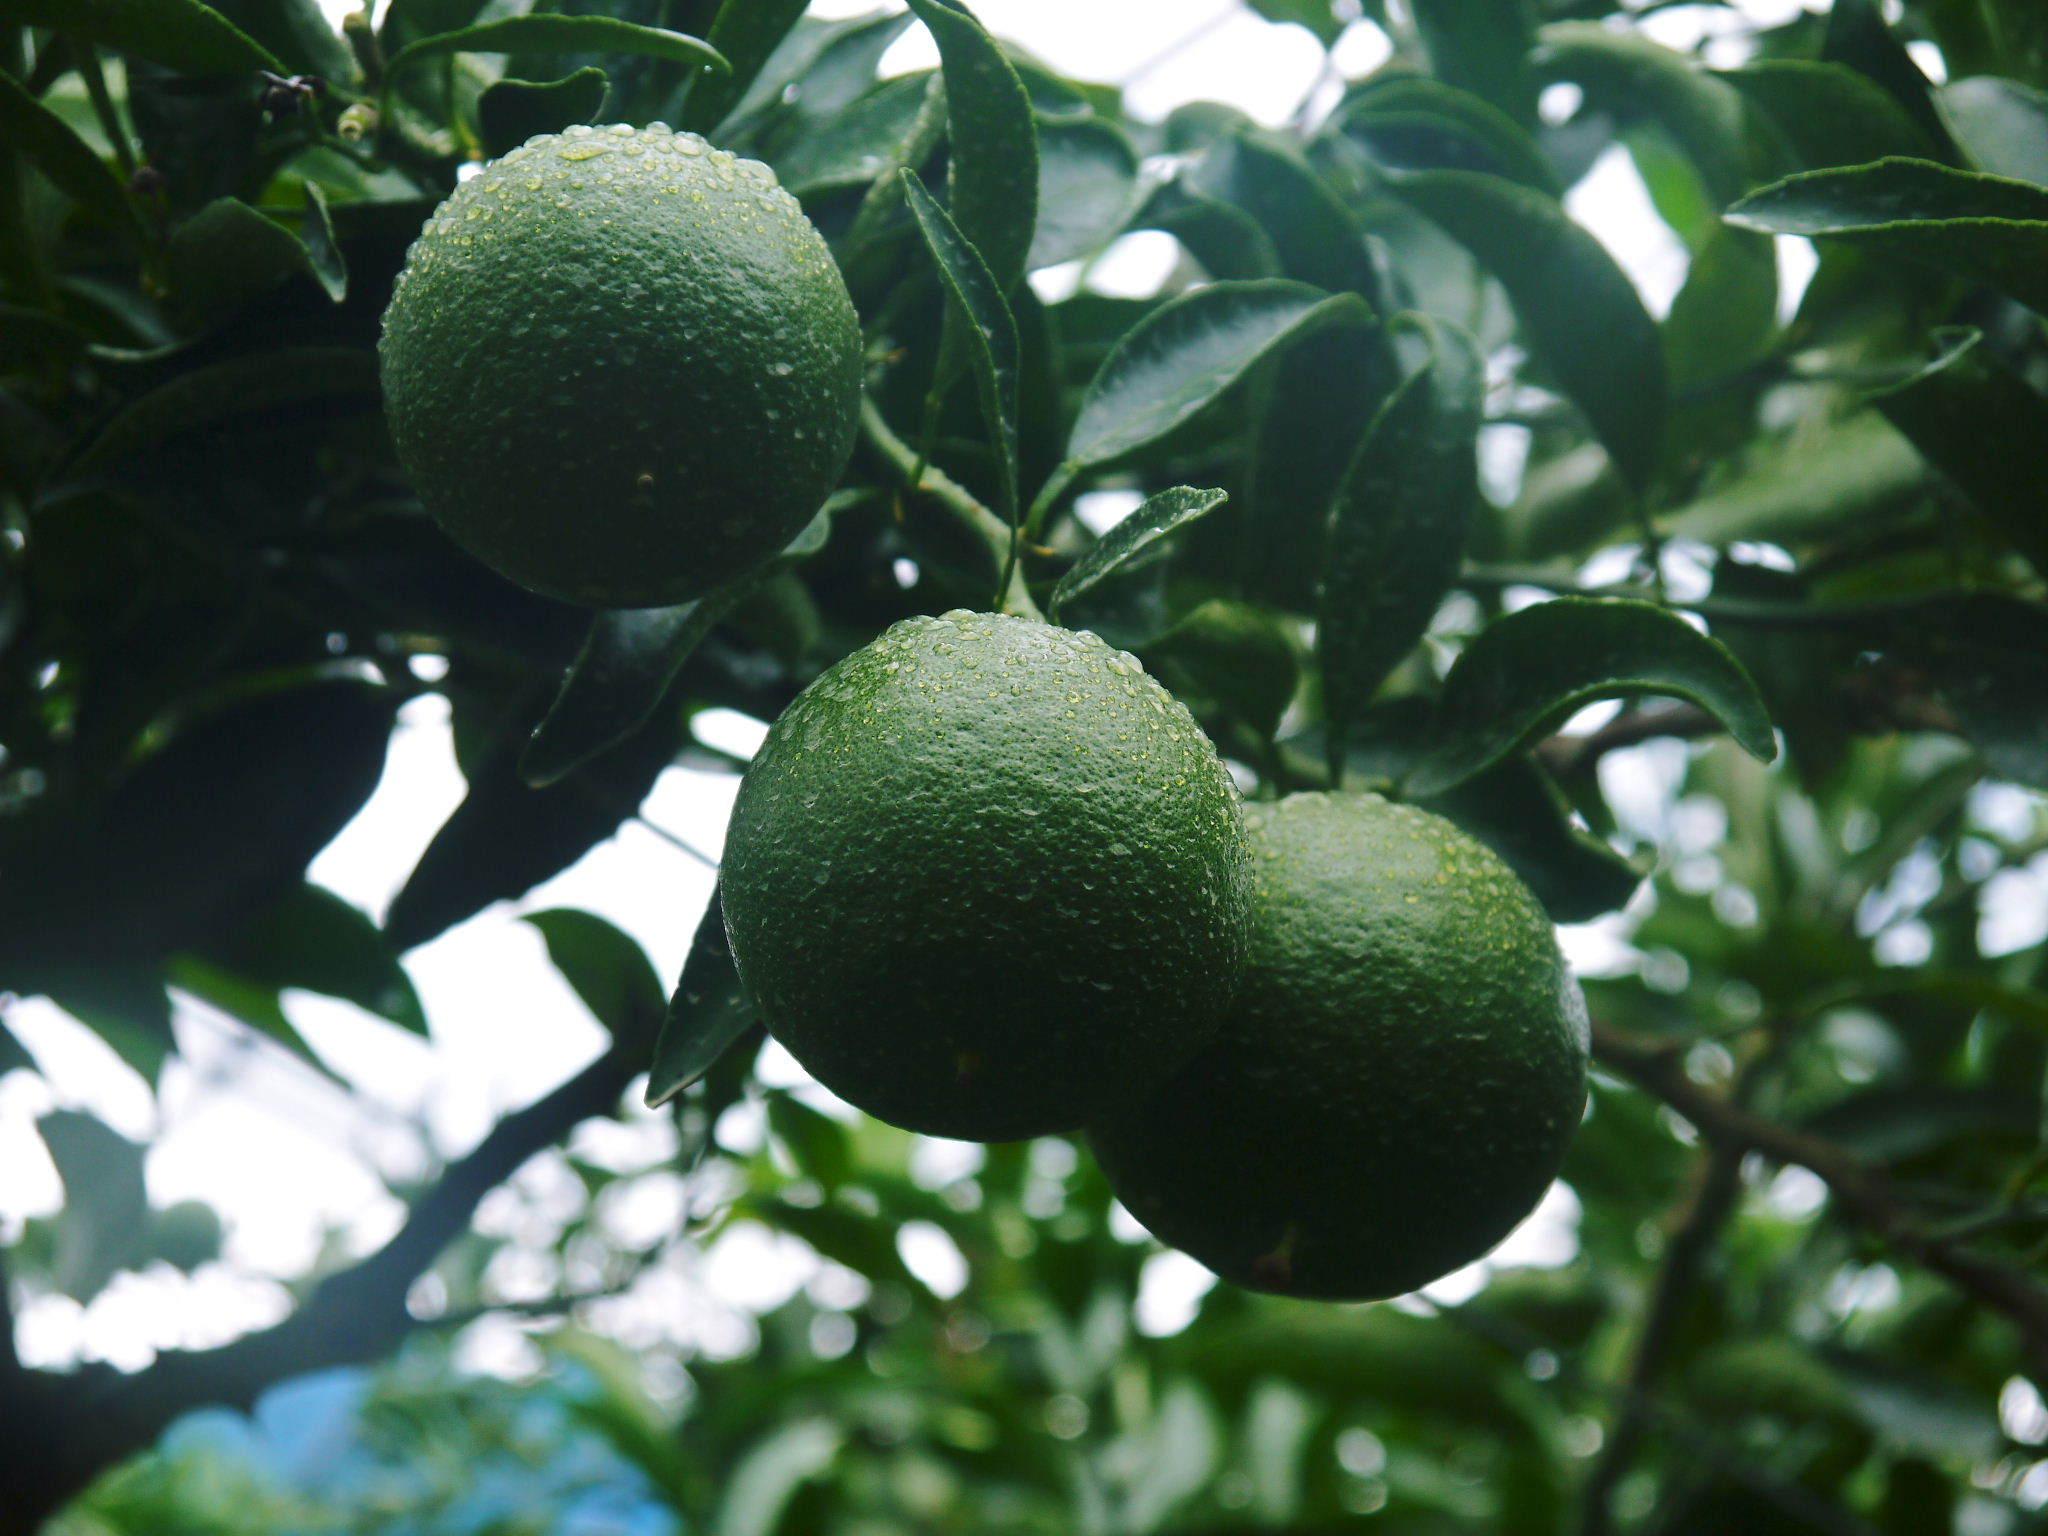 究極の柑橘「せとか」 摘果作業と玉吊り作業 樹勢も良く来年活躍する新芽も元気に芽吹いてます!_a0254656_18011247.jpg